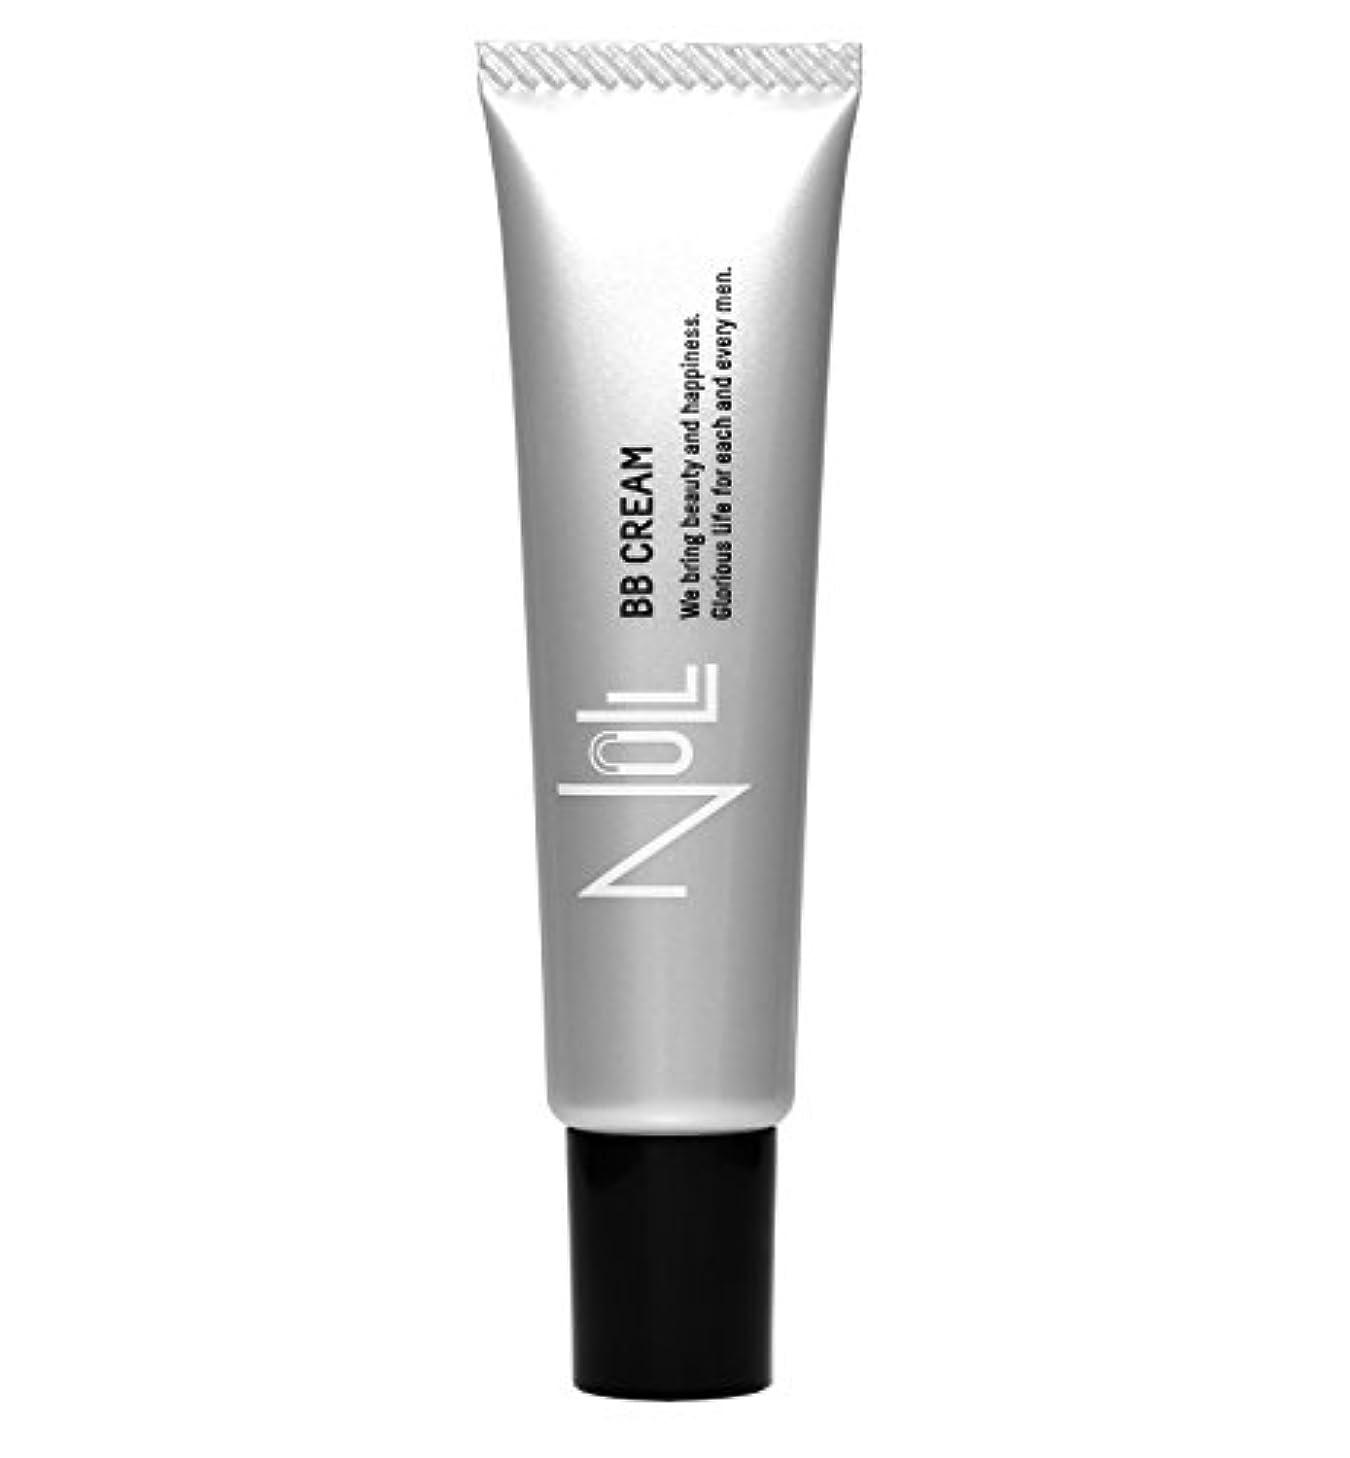 伝染性要旨書道NULL BBクリーム メンズ コンシーラー ファンデーション 20g SPF30 PA++ (メーキャップ効果で 青ひげ/クマ/ニキビ跡 を隠す 日焼け止め としても)